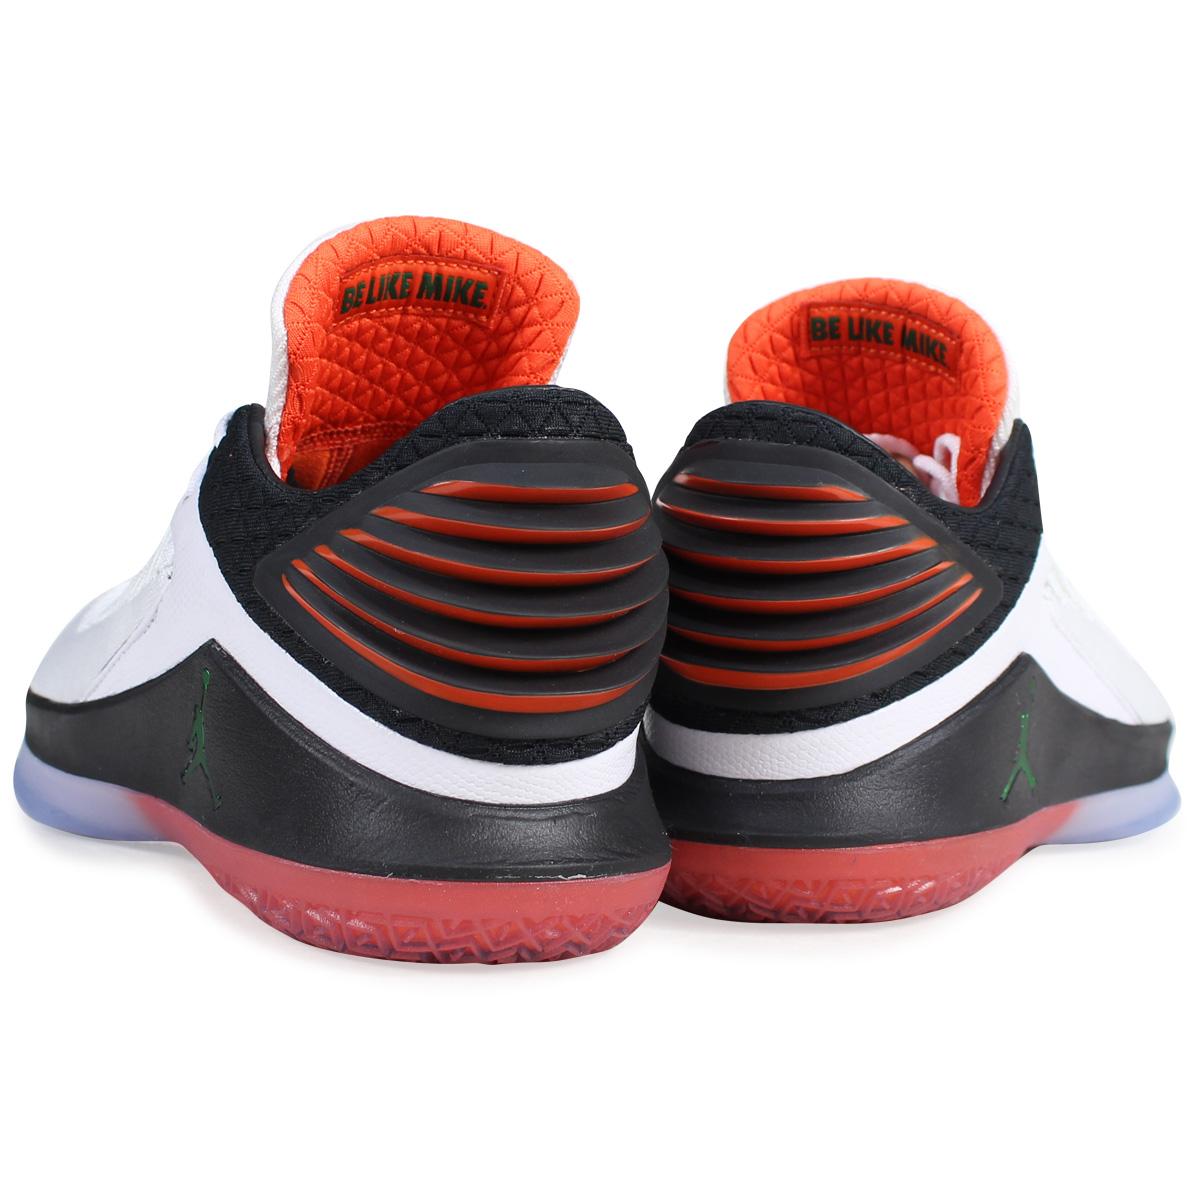 b9ead9dfadbd NIKE Nike Air Jordan 32 sneakers AIR JORDAN 32 LOW PF GATORADE AH3347-100  men white